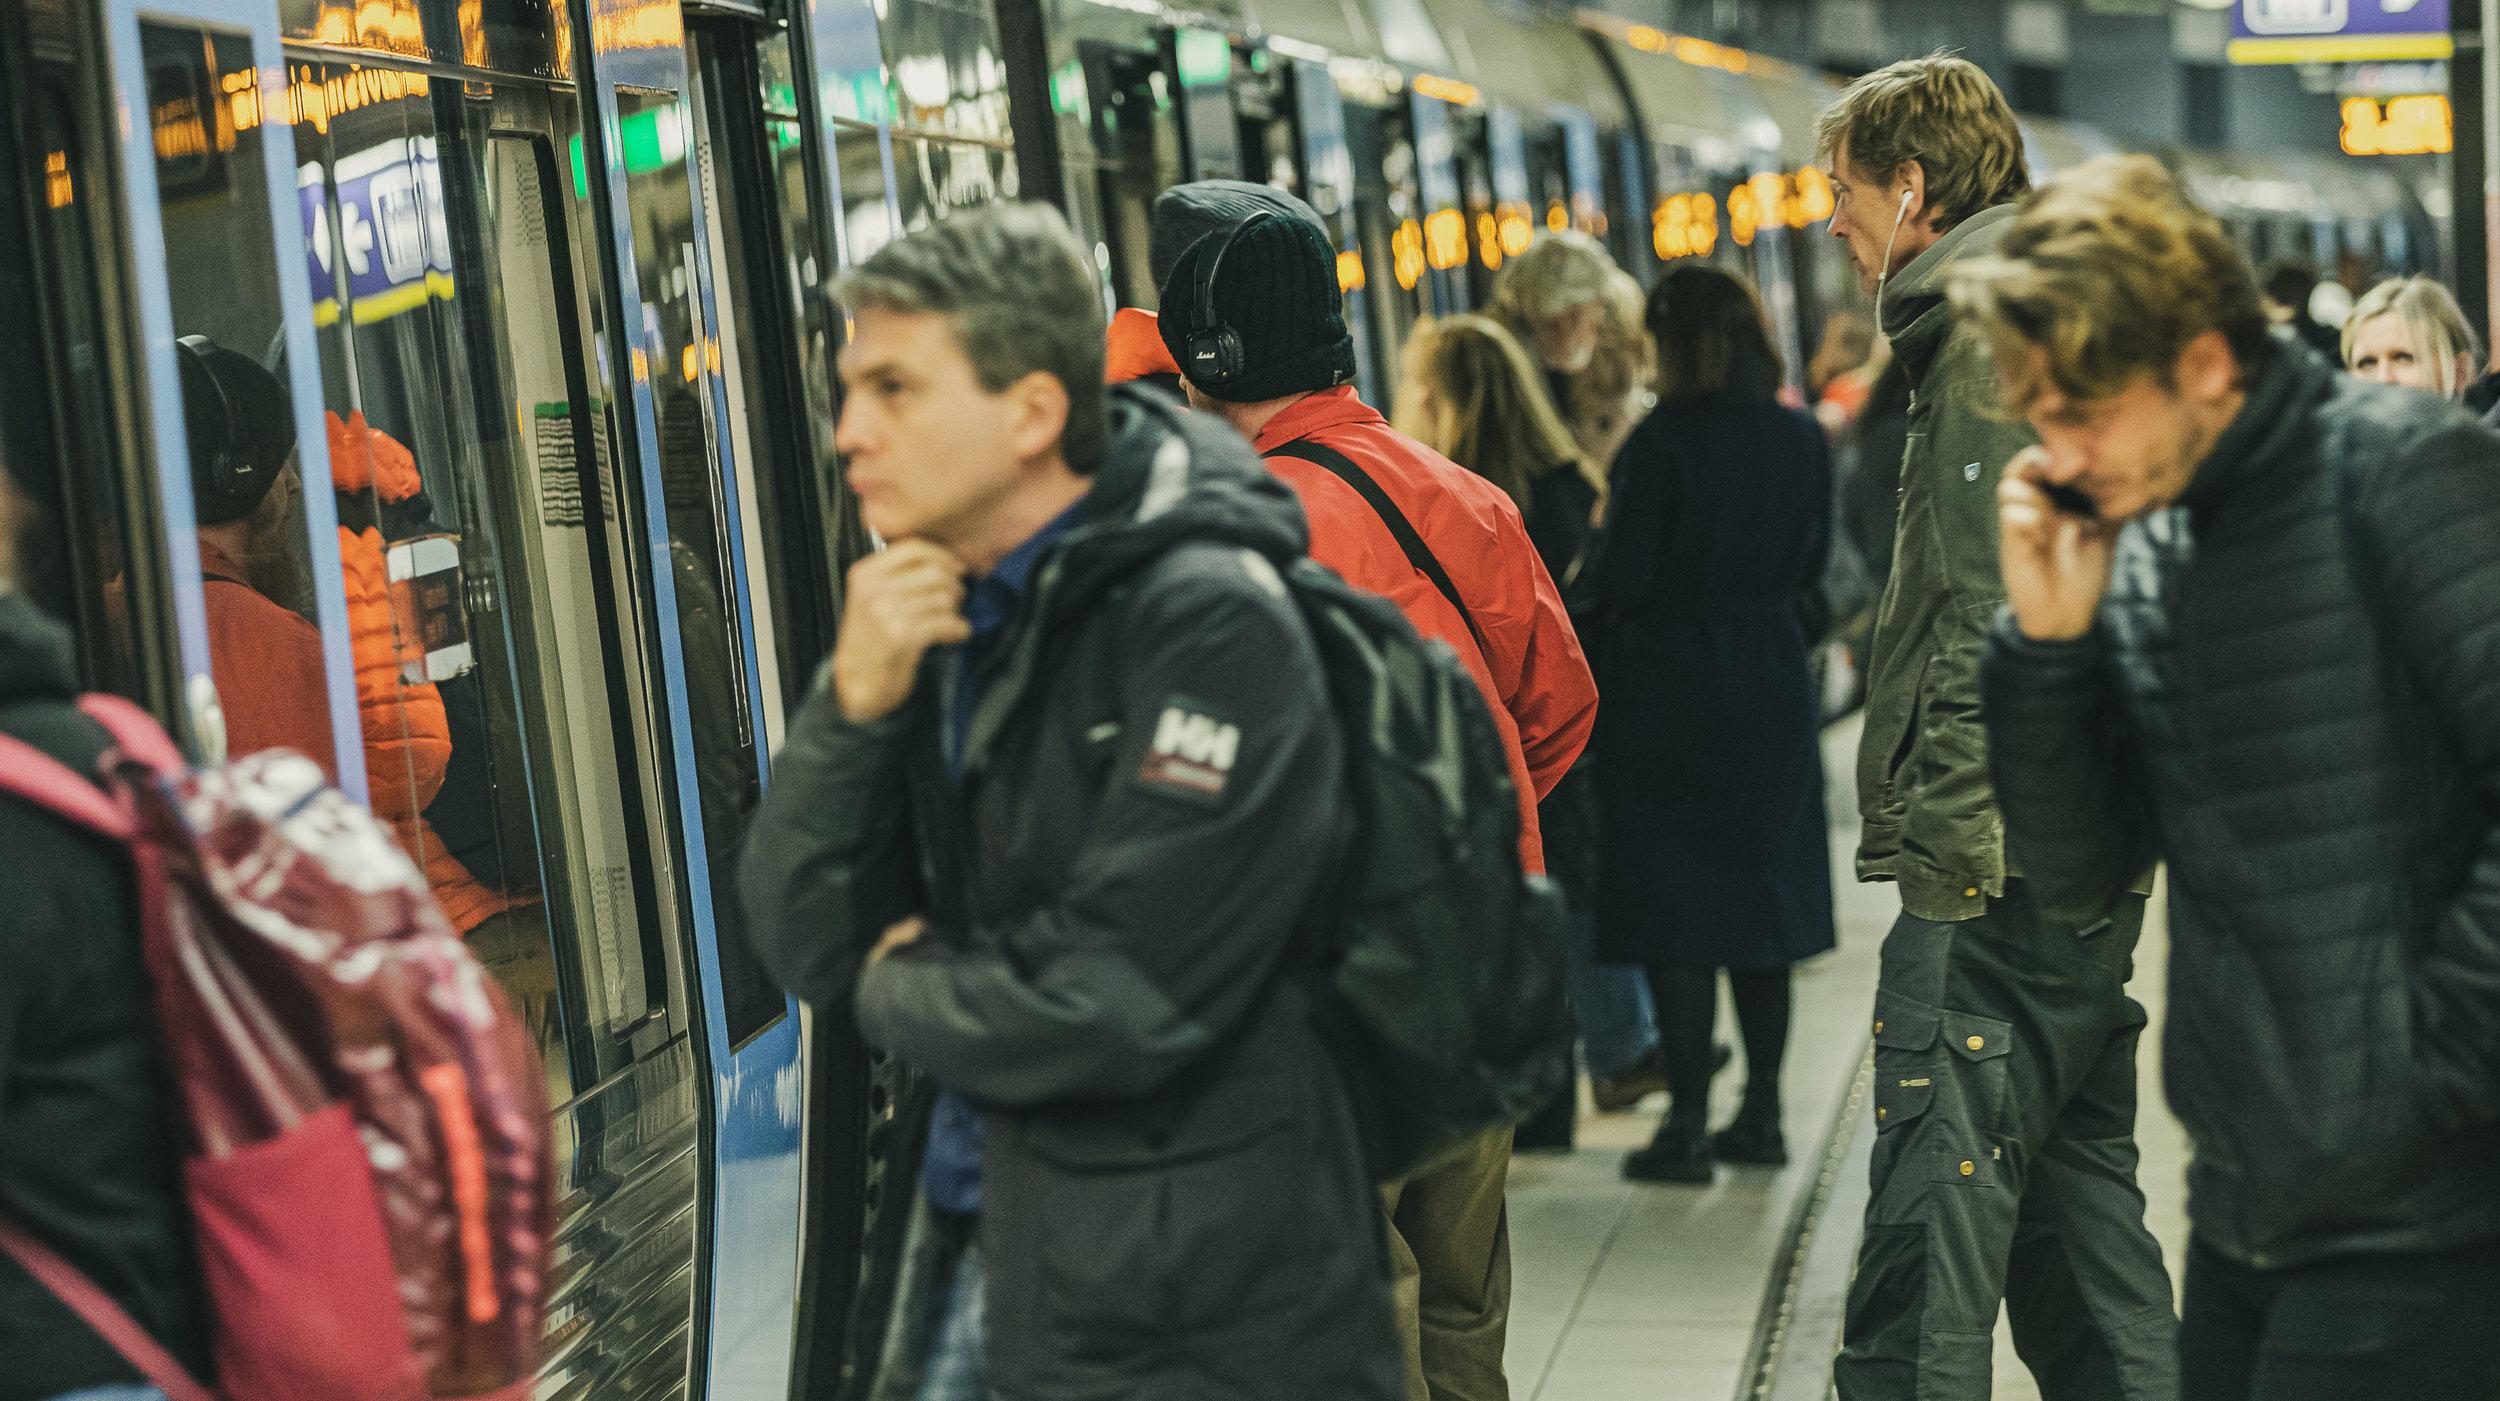 Slussens tunnelbanestation, Stockholm. (Personerna på bilden har inget med texten att göra, mer än att de kanske är stockholmare). Foto: Nils Öhman